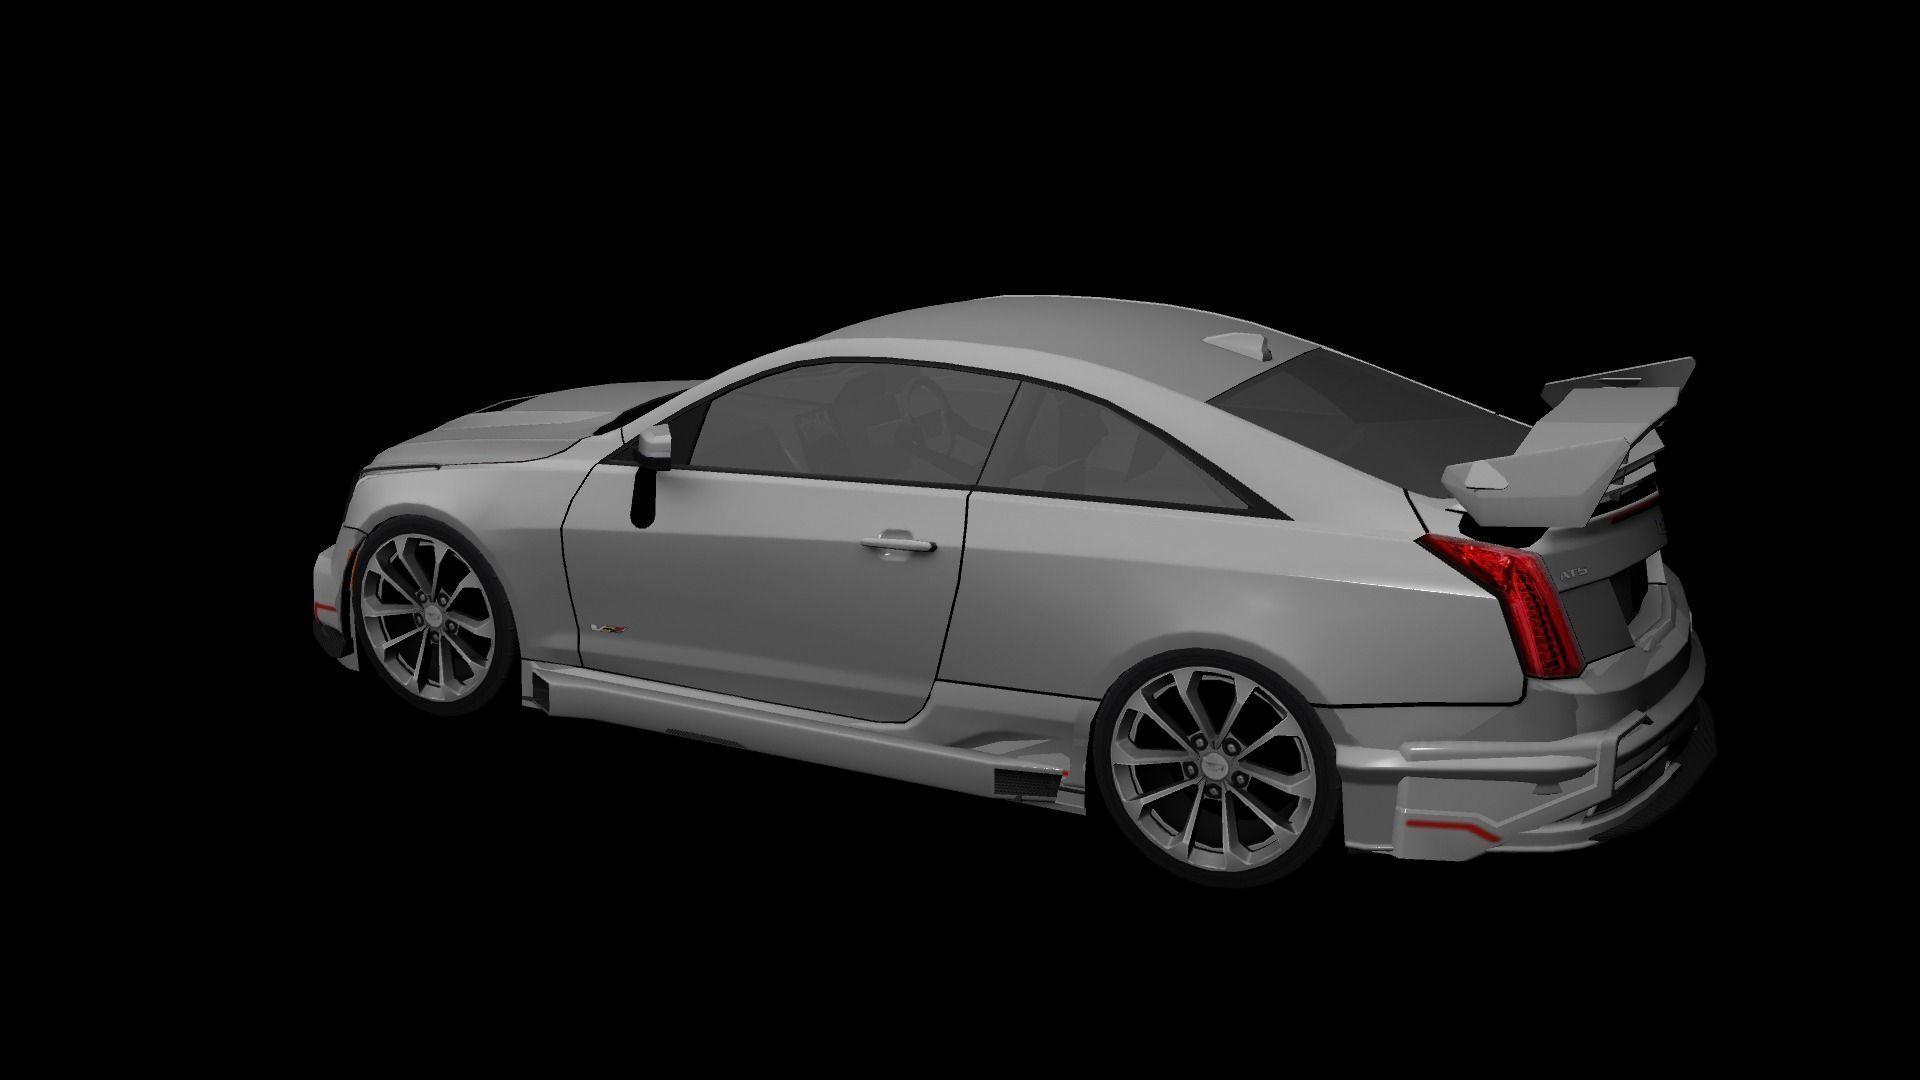 Cadillac ATS V Coupe 2016 Custom 3D Model Game ready .ma ...